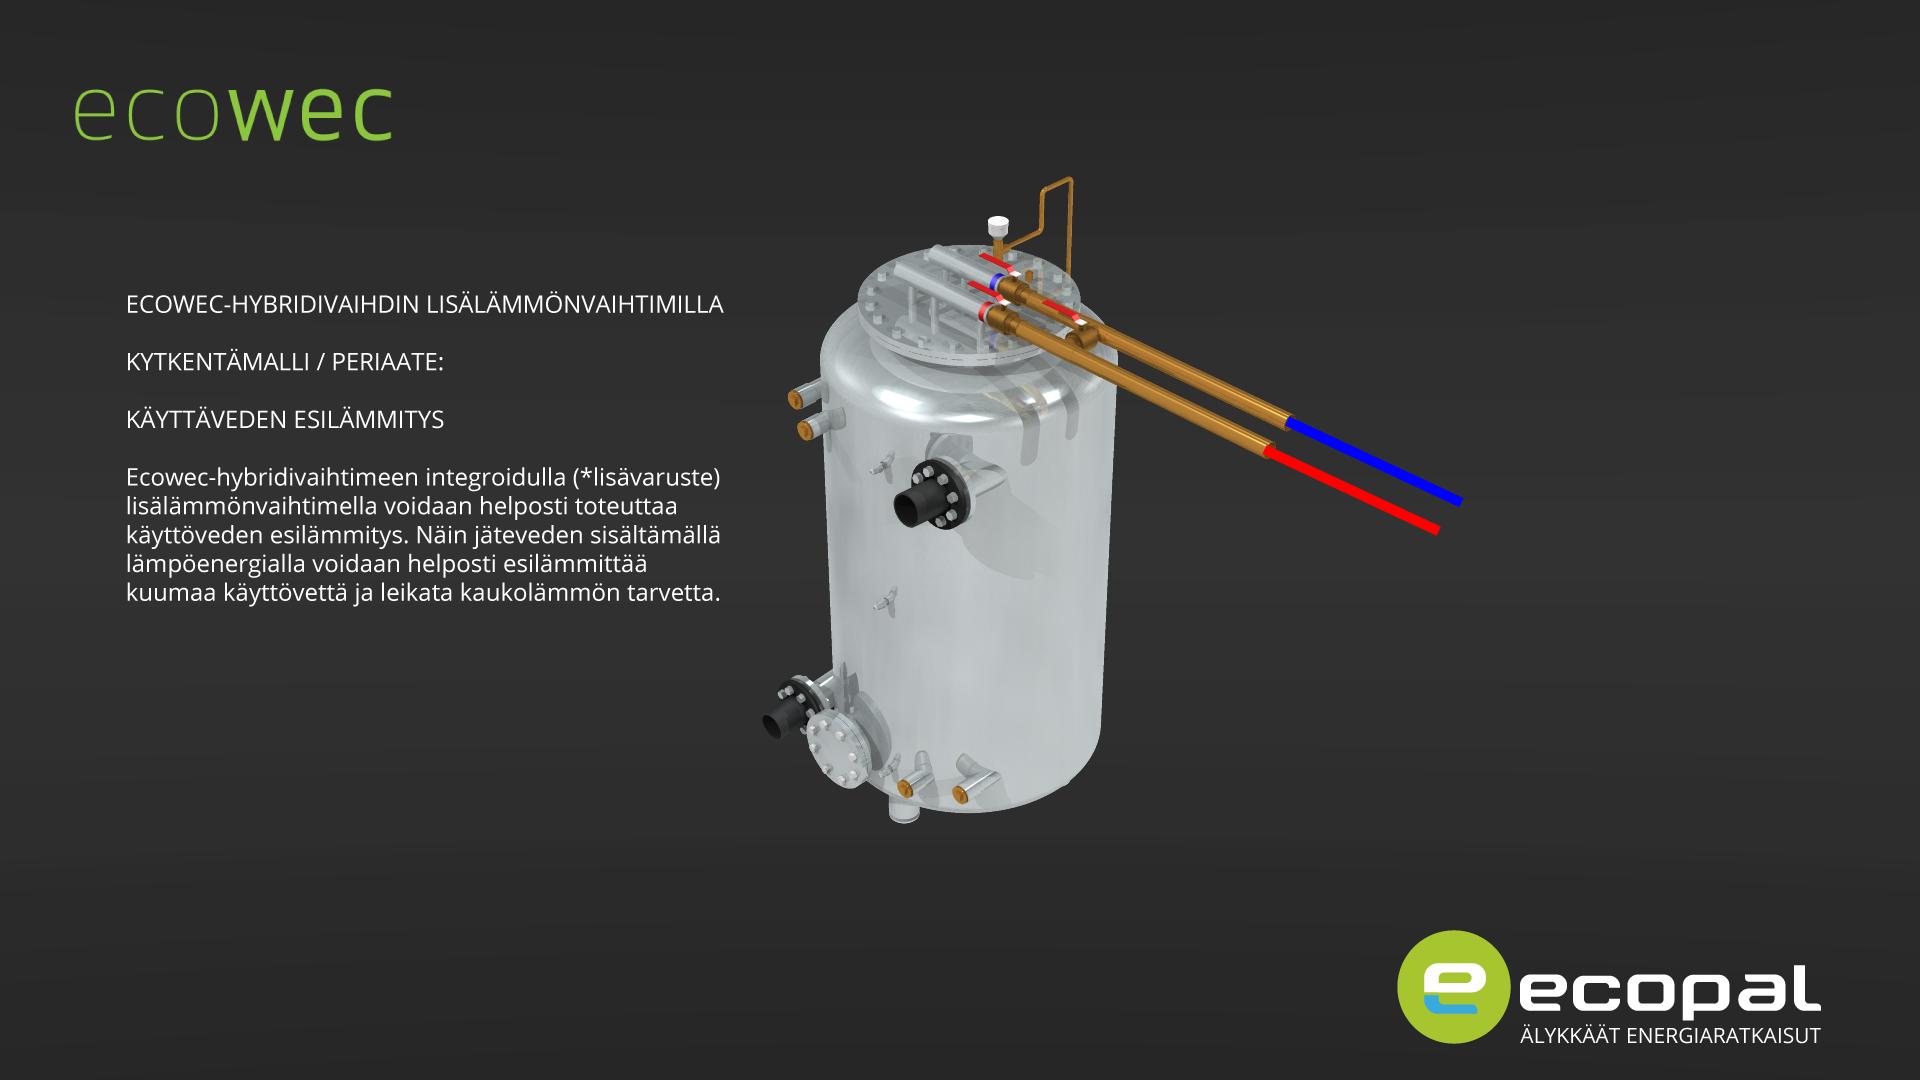 Ecowec kytkentämallit